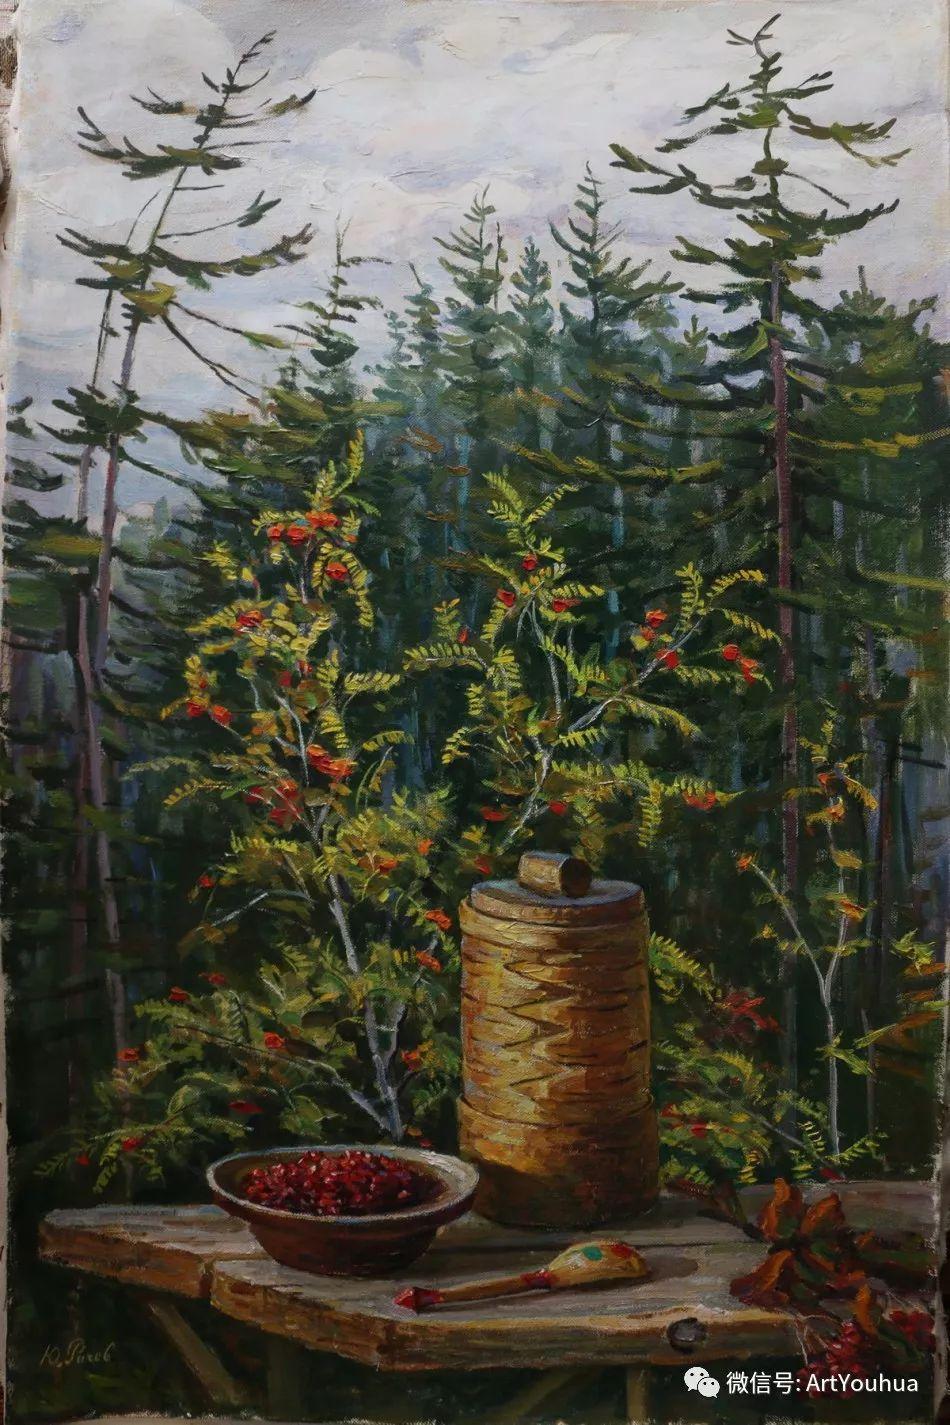 中俄艺术家50年代后期油画即景小品展作品插图157